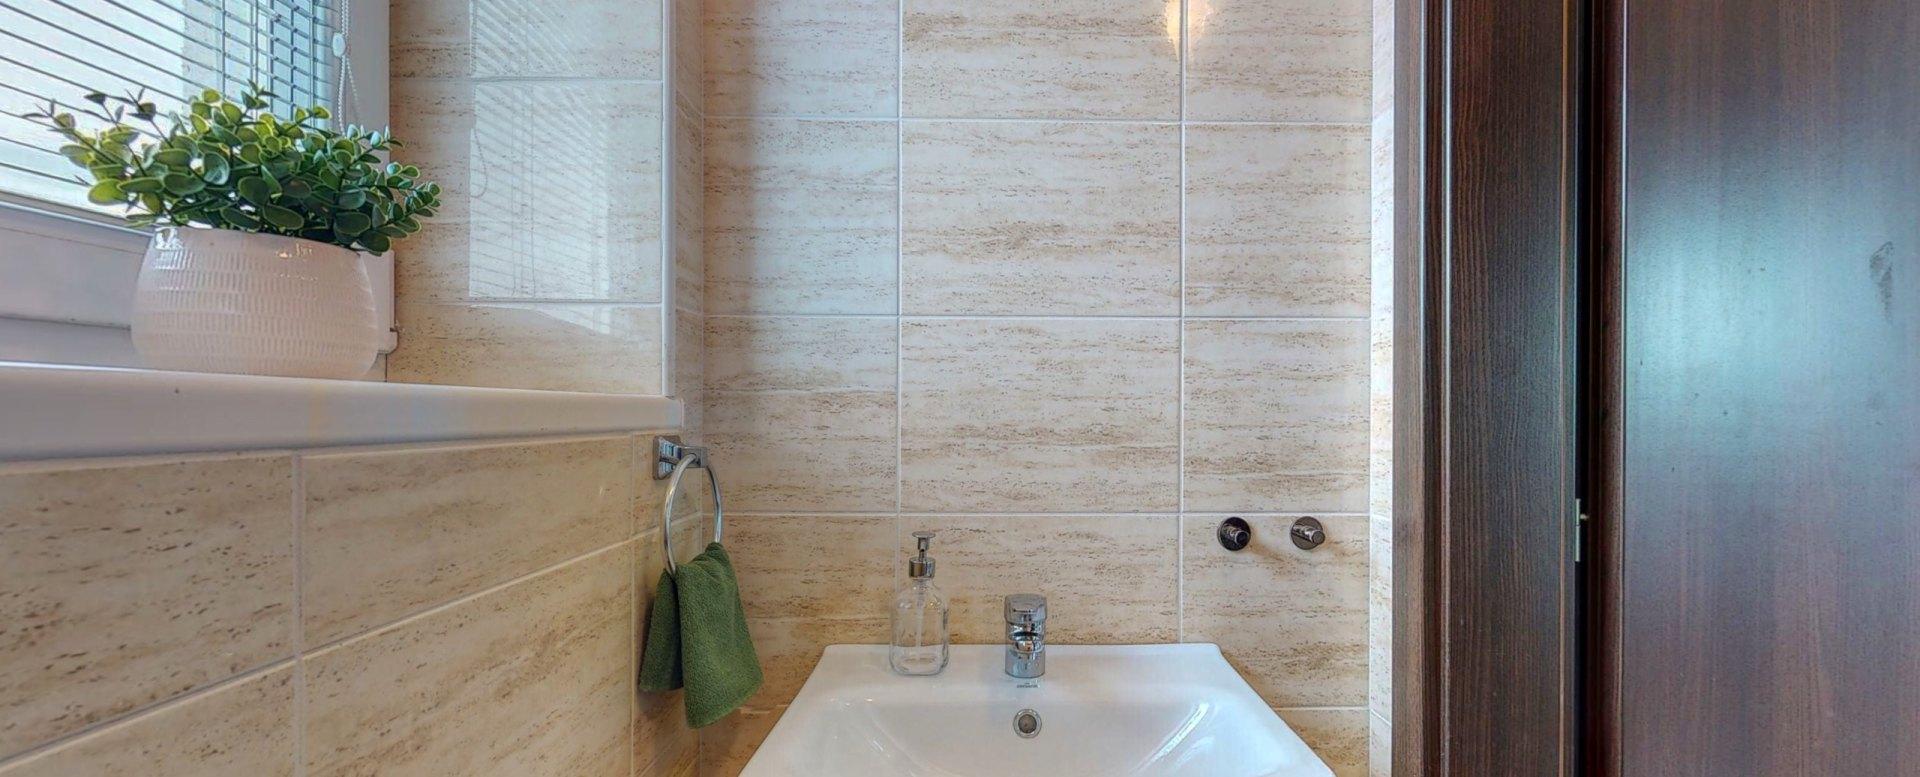 Pohľad na umývadlo pri toalete